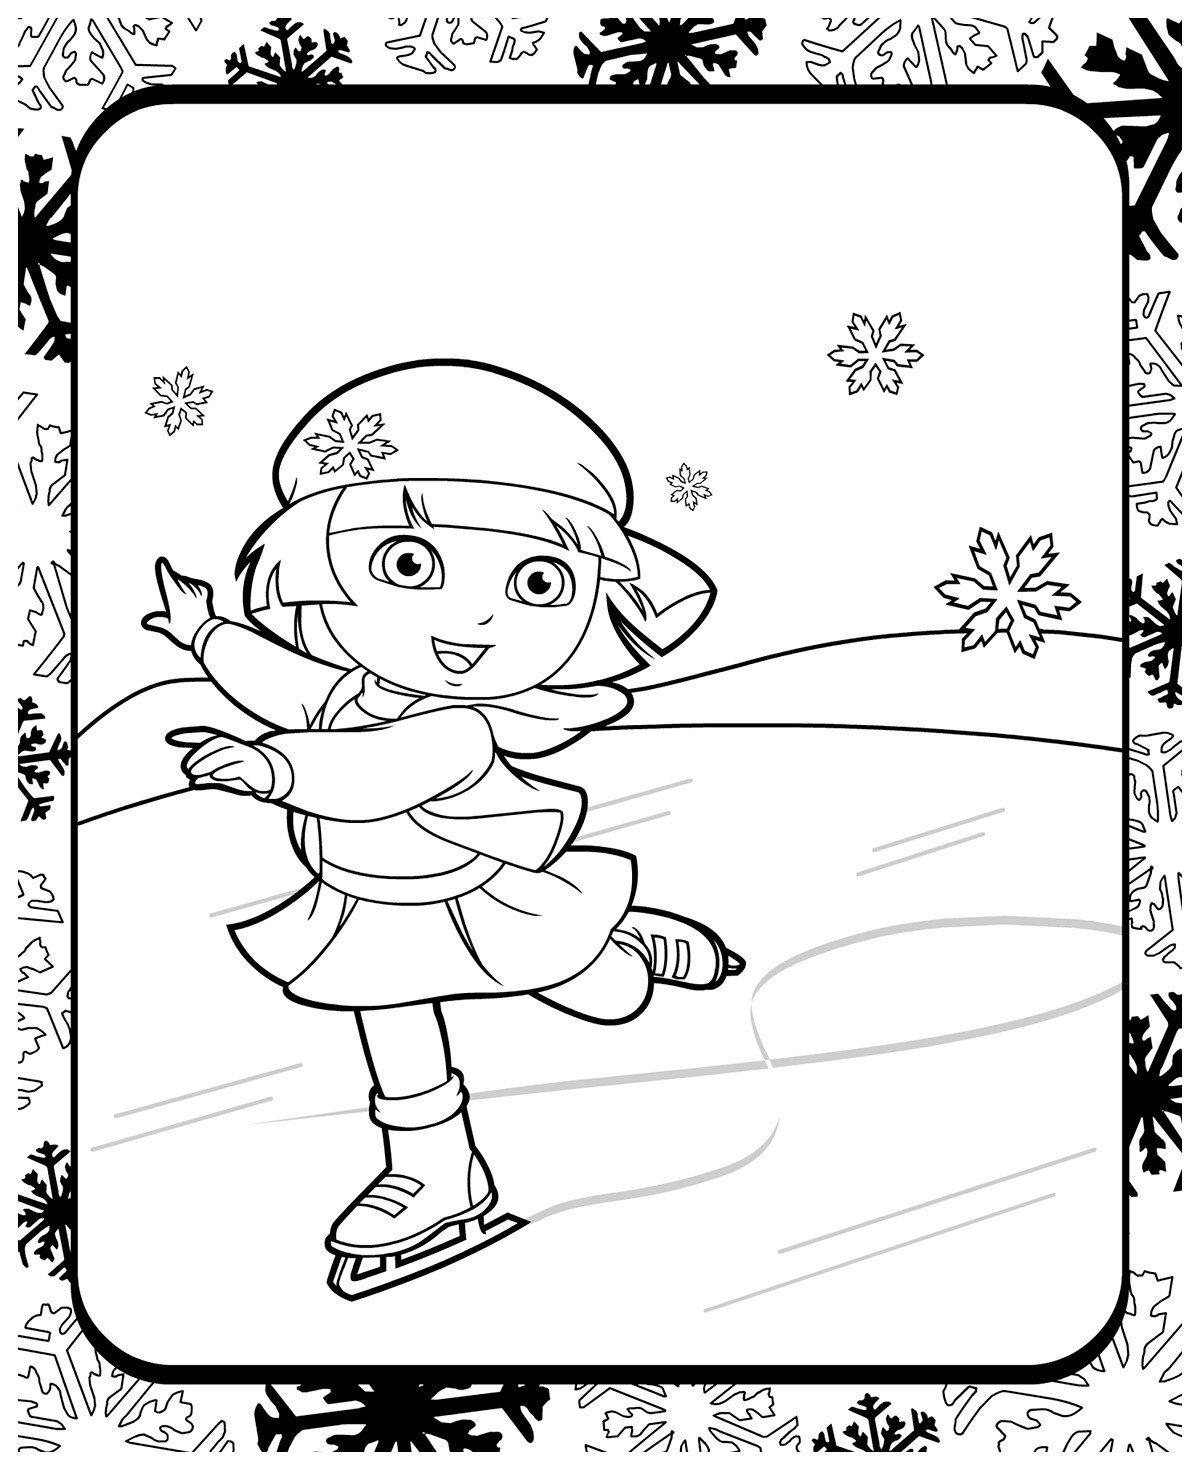 Даша-путешественница на коньках - Картинка для раскрашивания красками-гуашью